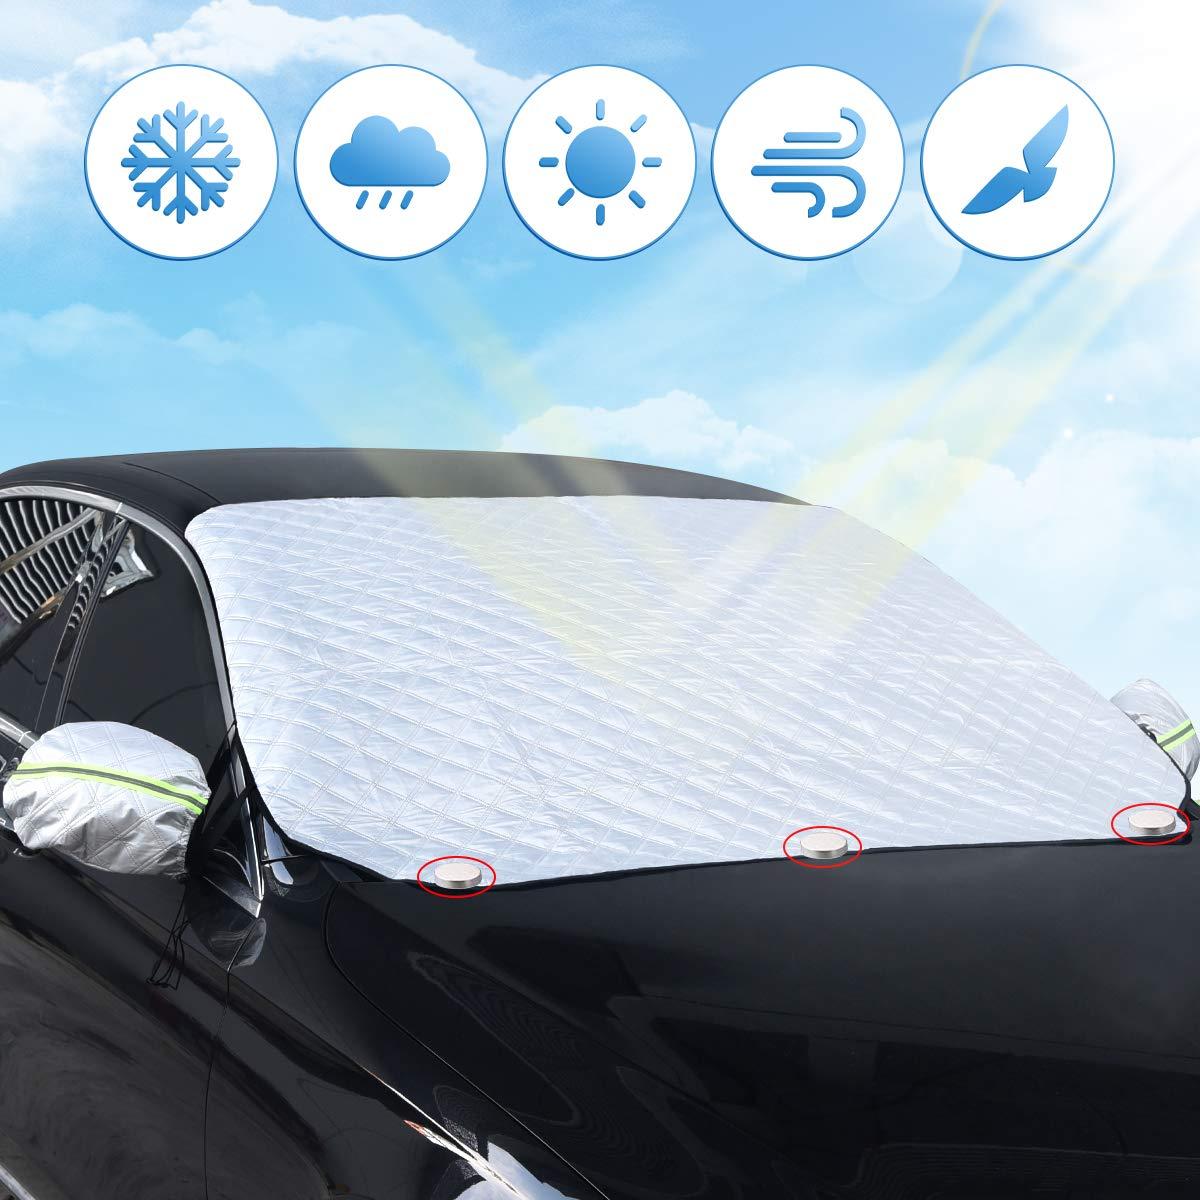 Unitify Protector Parabrisas, Protector Nieve Coche Parabrisas Ventana Delantera de la Cubierta de Nieve de Hielo Protector Parasol Invierno Tiempo